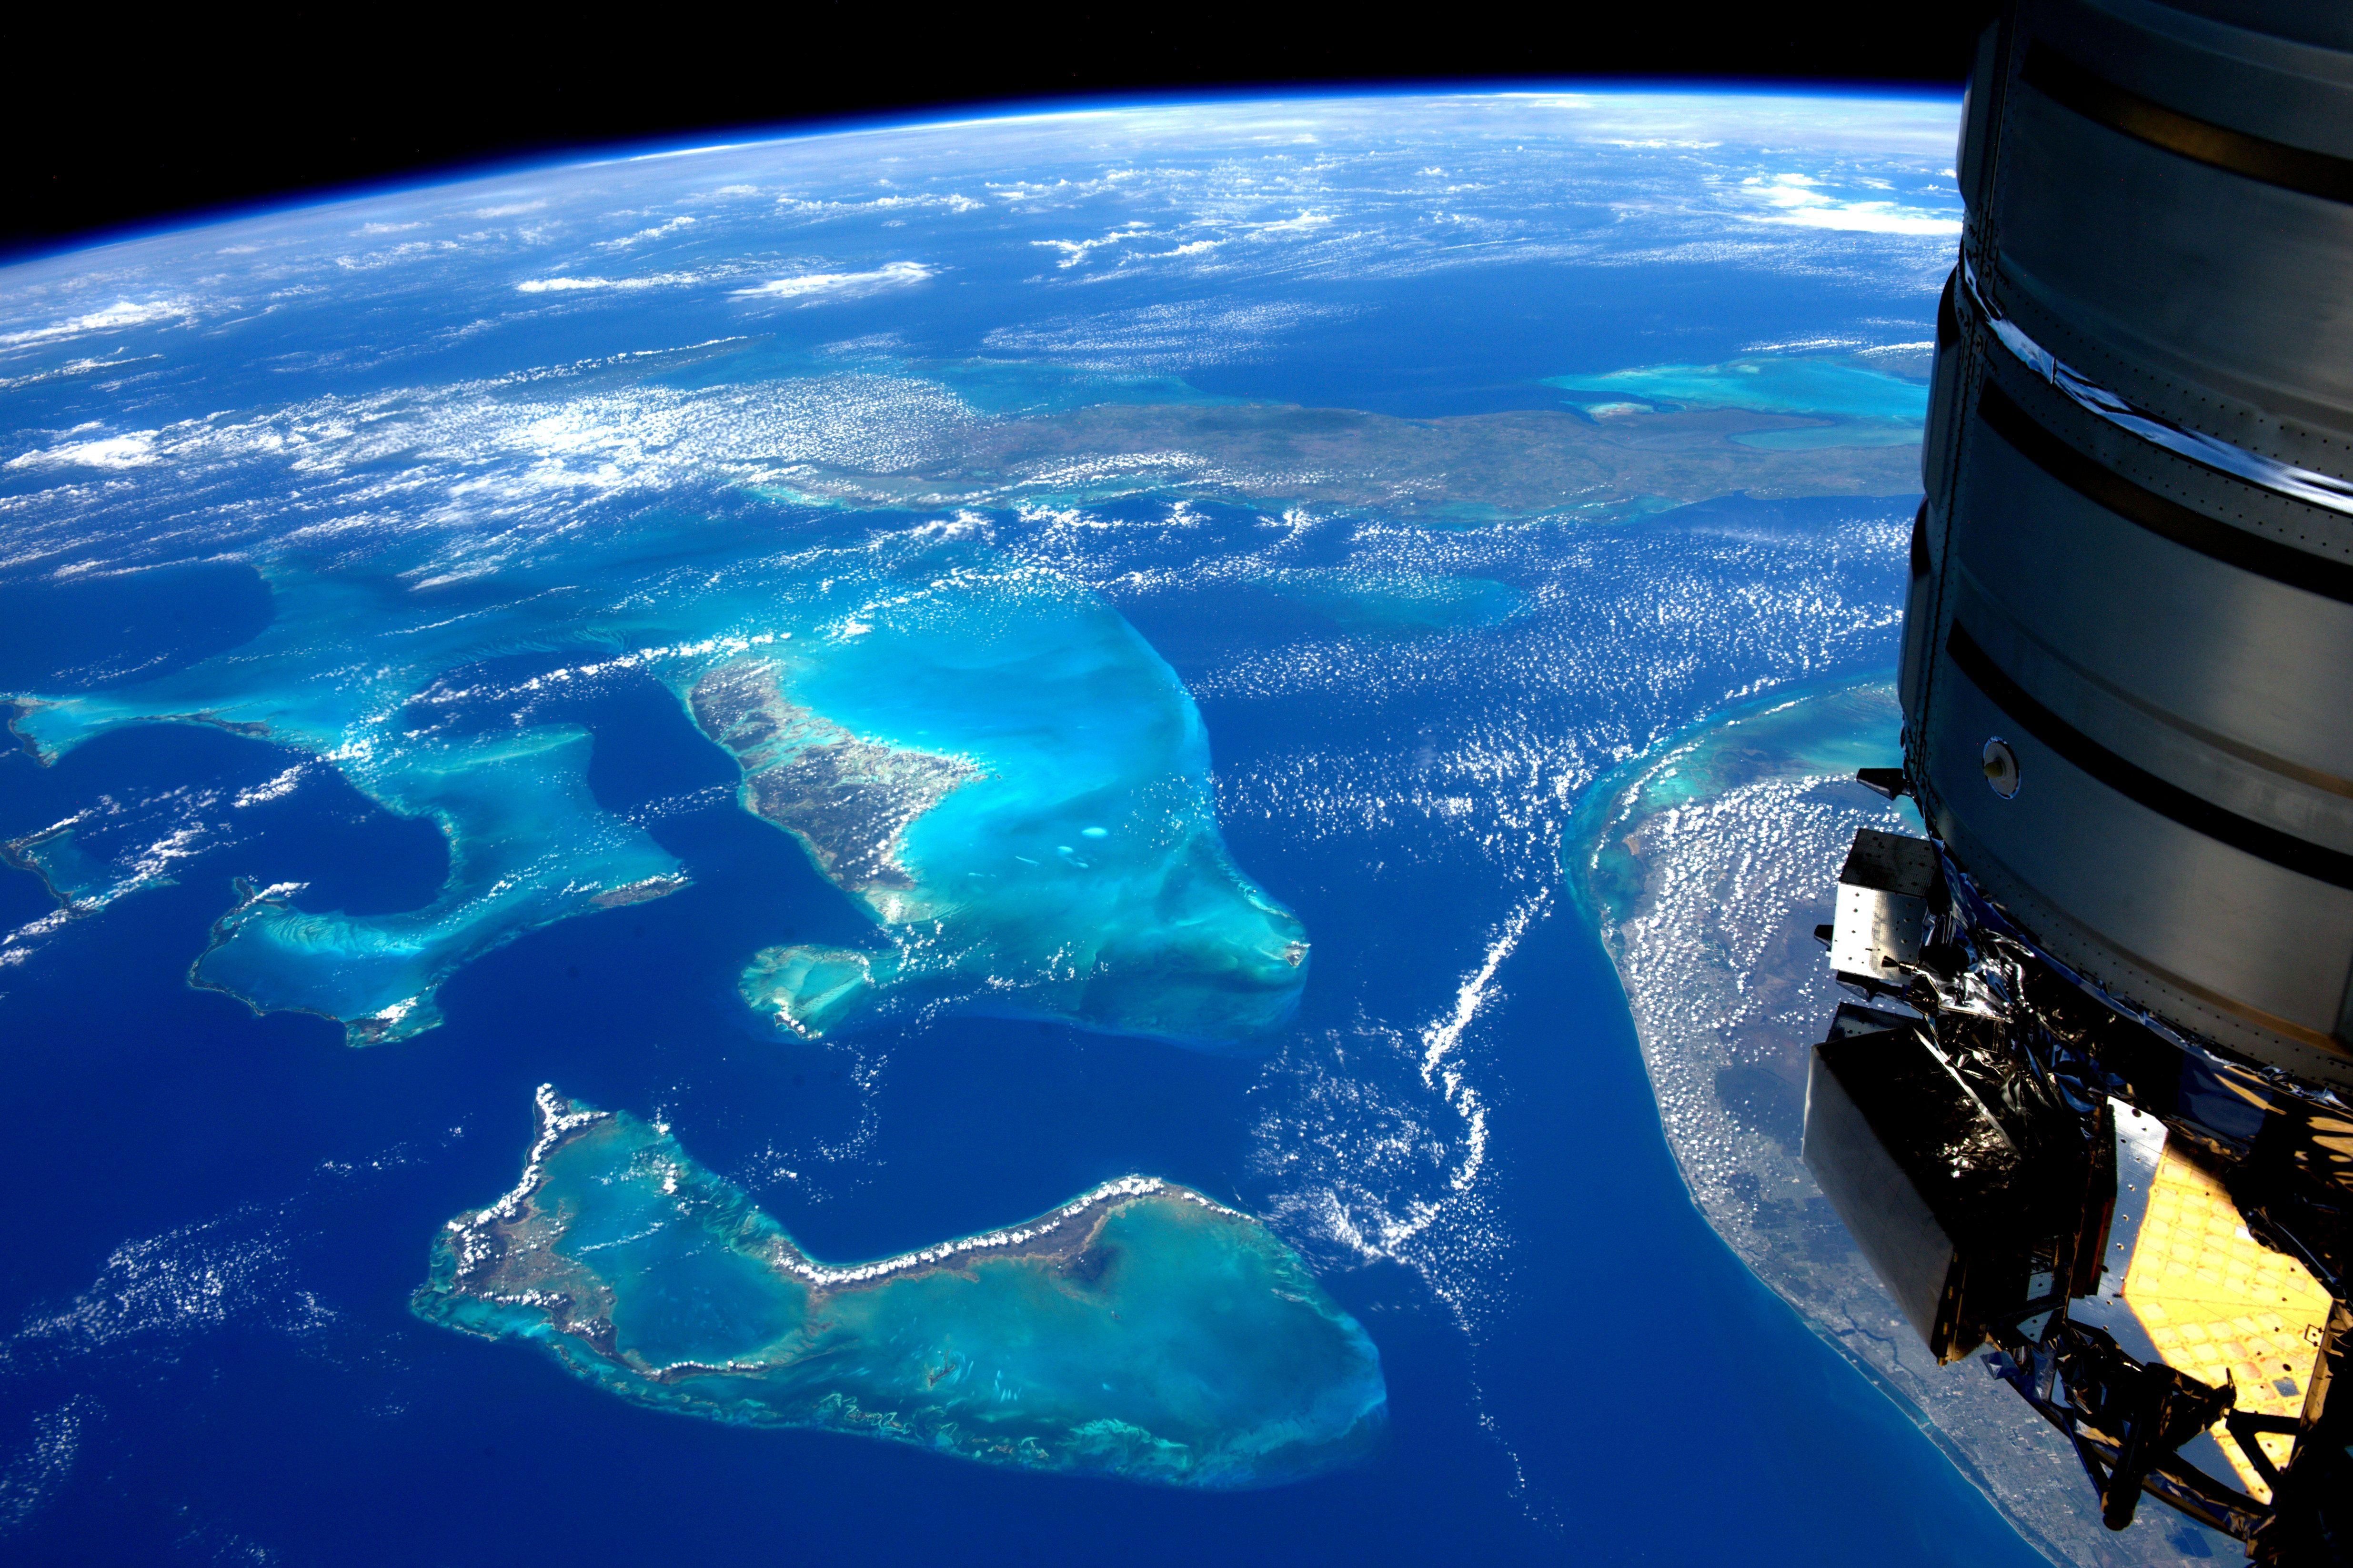 Thomas pesquet astronaute fran ais sur l 39 iss la terre for Iss espace vert